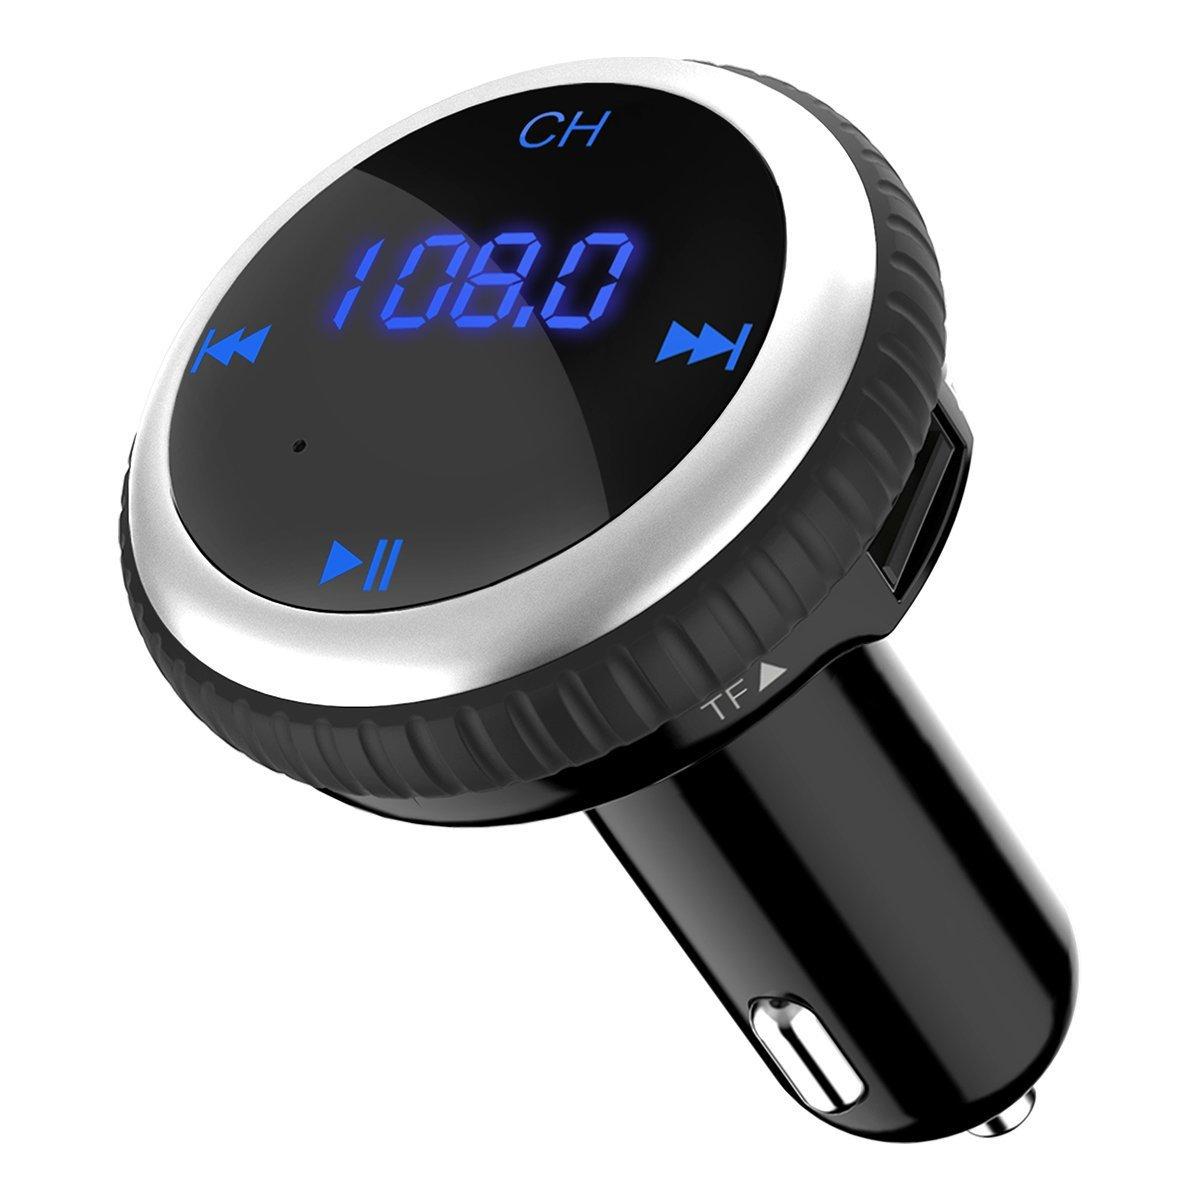 CHGeek Bluetooth FM Transmitter 5V/2.1A KFZ Auto Lokalisierer Wireless mp3 Player Audio Radio Adapter freisprecheinrichtung mit 2 USB Ladegerä t, LED Anzeige fü r iOS und Android Gerä te (Schwarz) CH09